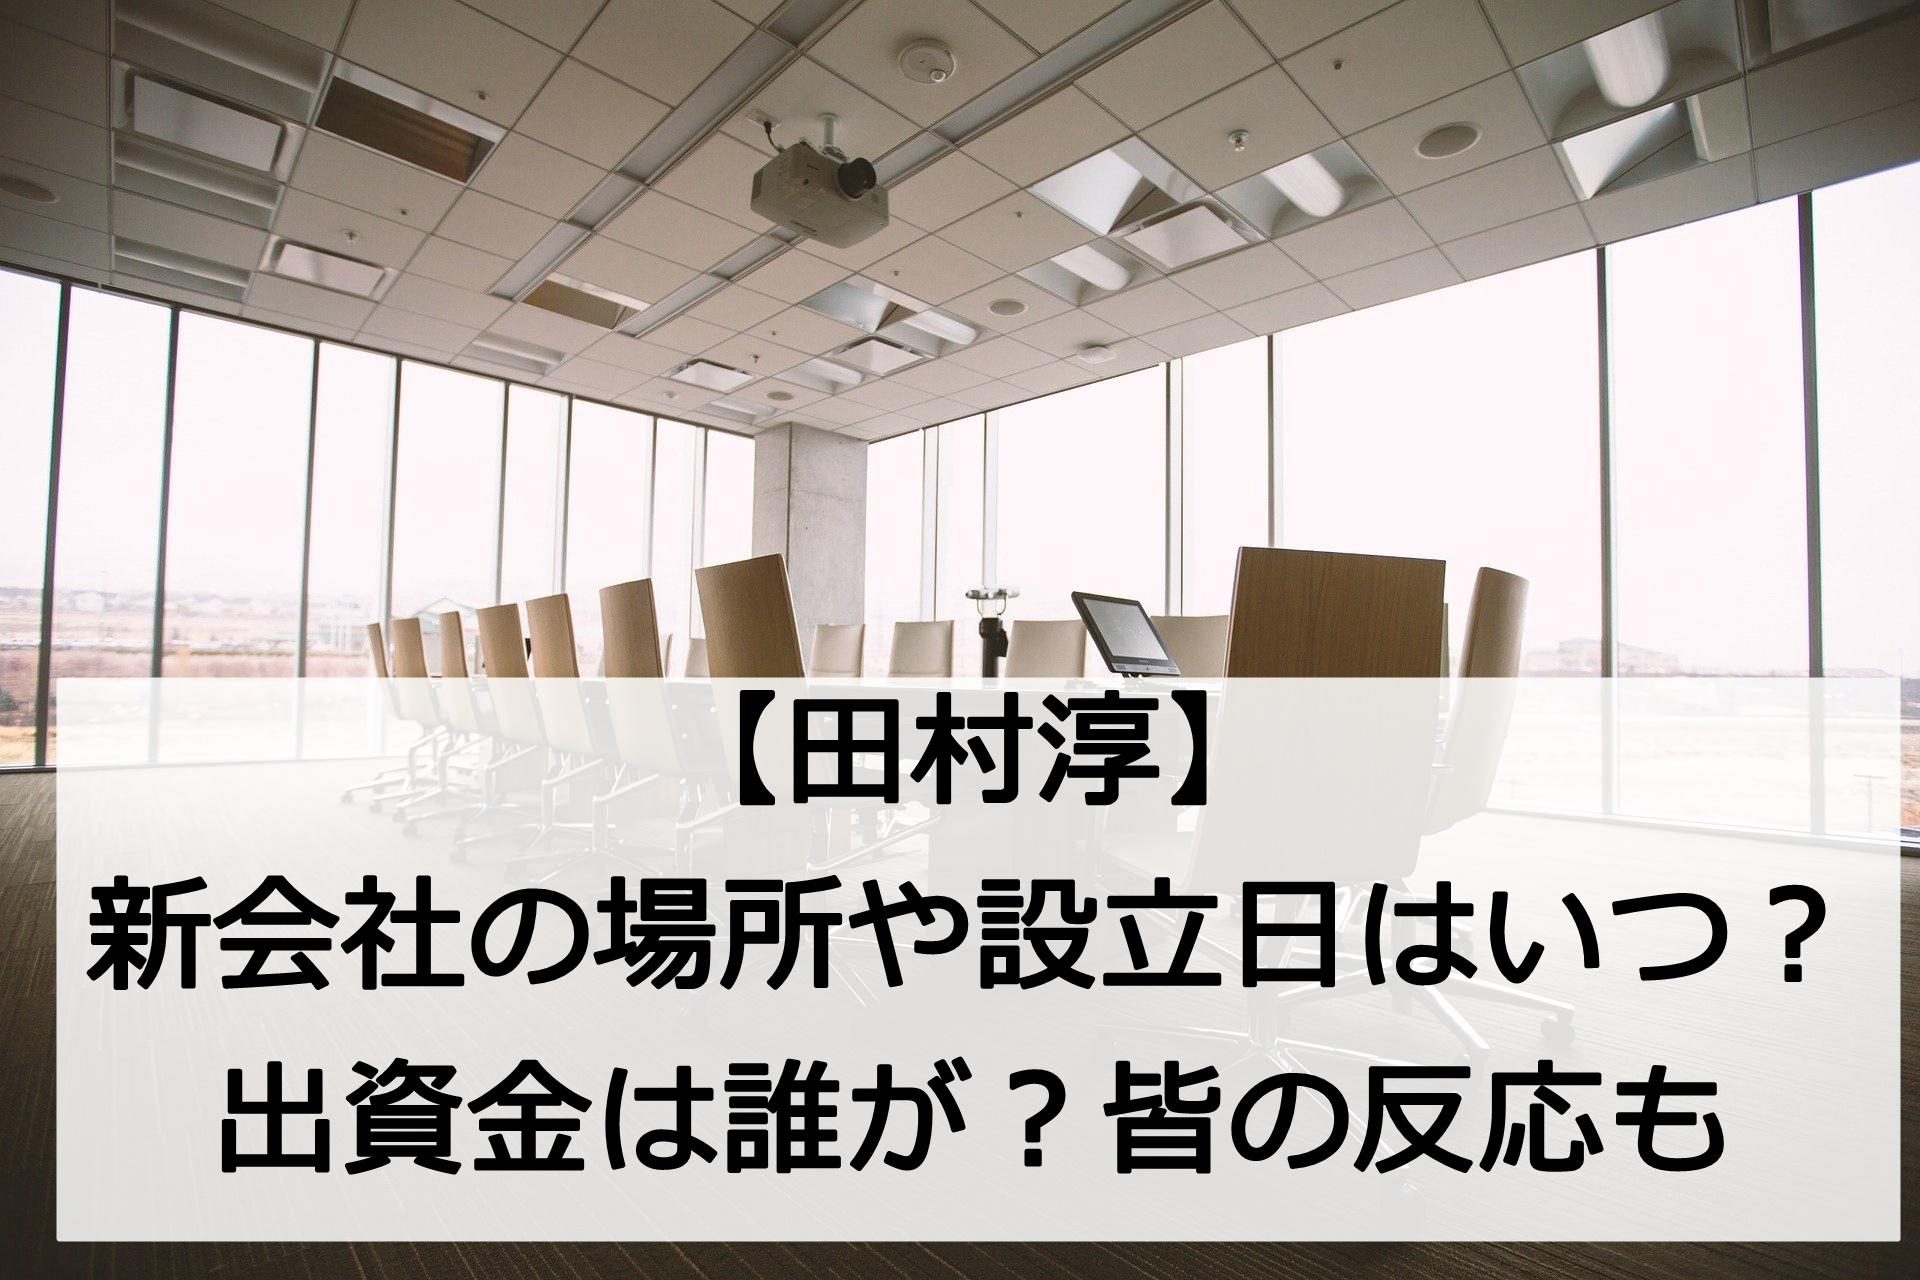 田村淳|新会社の場所や設立日はいつ?皆の反応も